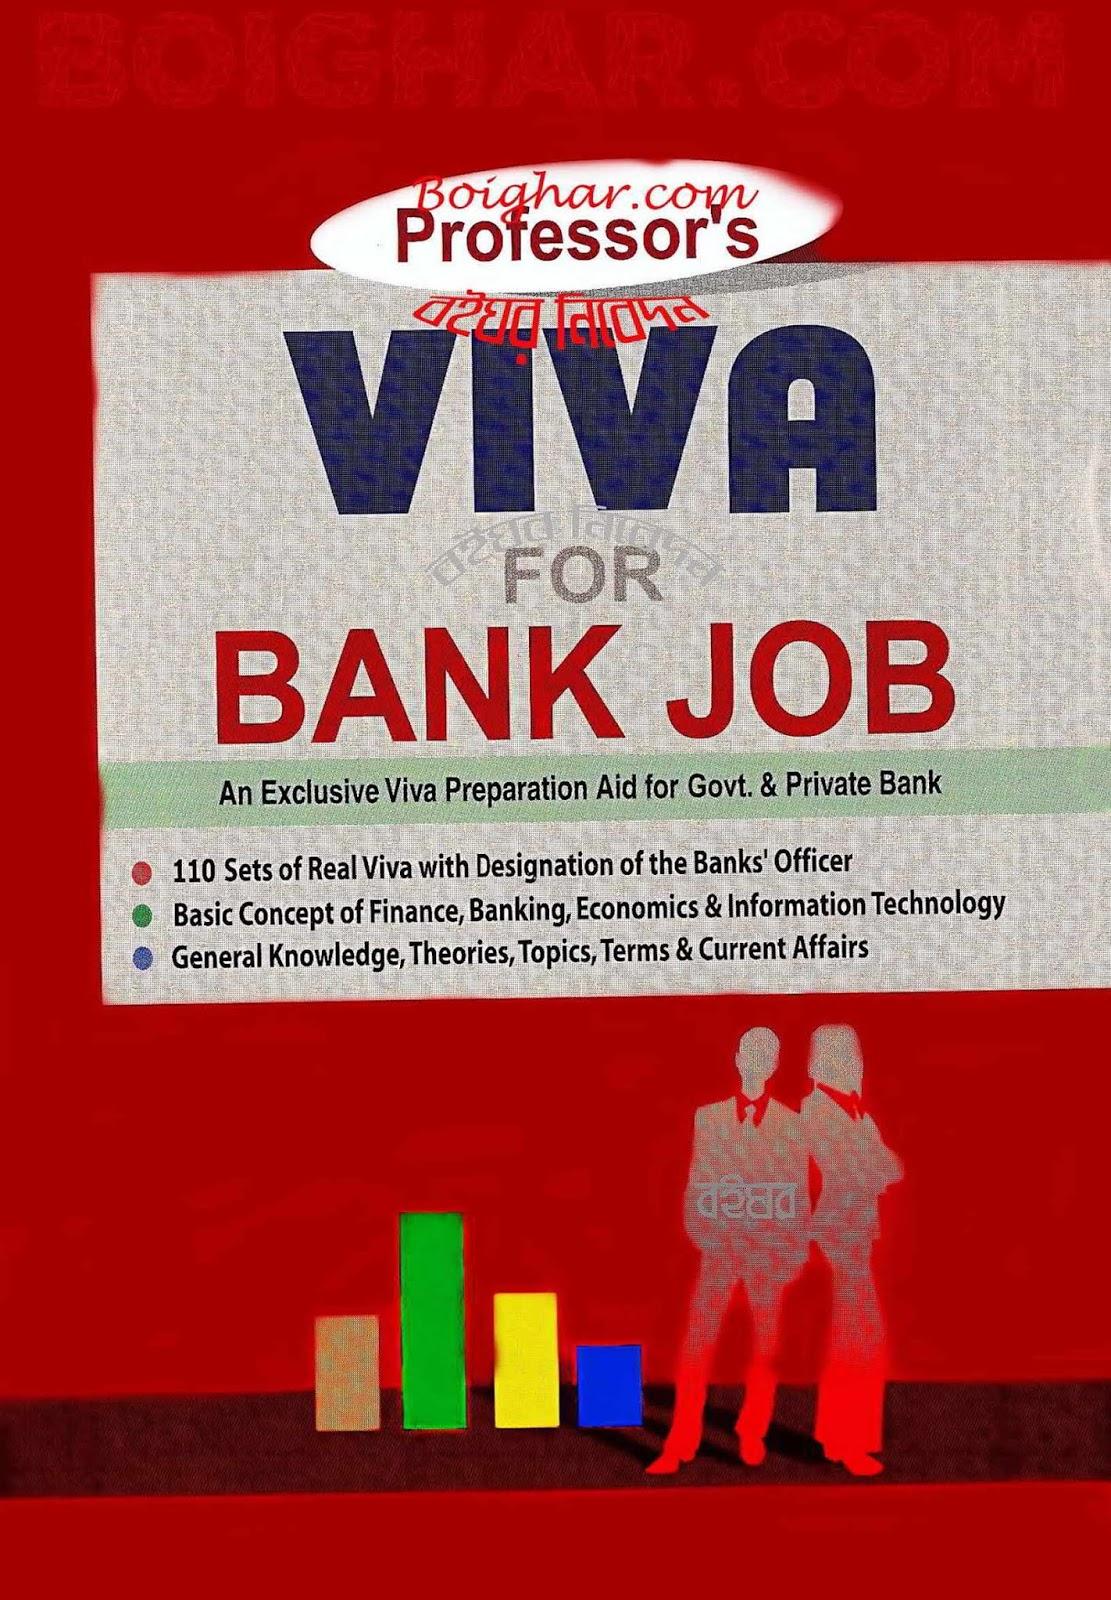 প্রফেসর ভাইভা ব্যাংক জব Pdf | Professor's viva For Bank Job Pdf Download | প্রফেসর ব্যাংক ভাইভা বই ২০২০ pdf